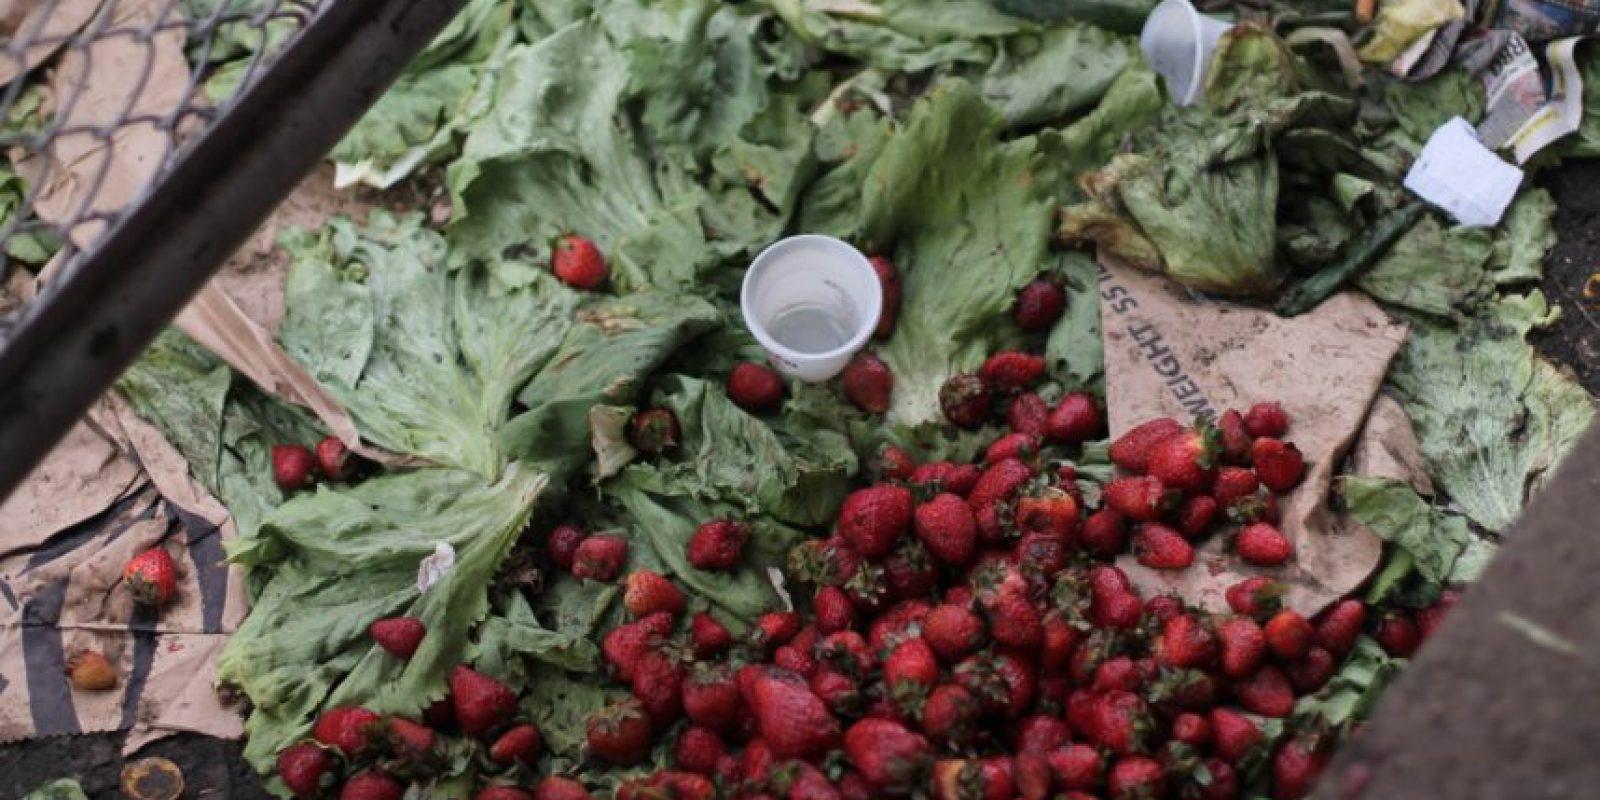 Frutas y verduras se pueden encontrar en el contenedor mezclados con otros productos. Foto:Sofía Toscano-Publimetro